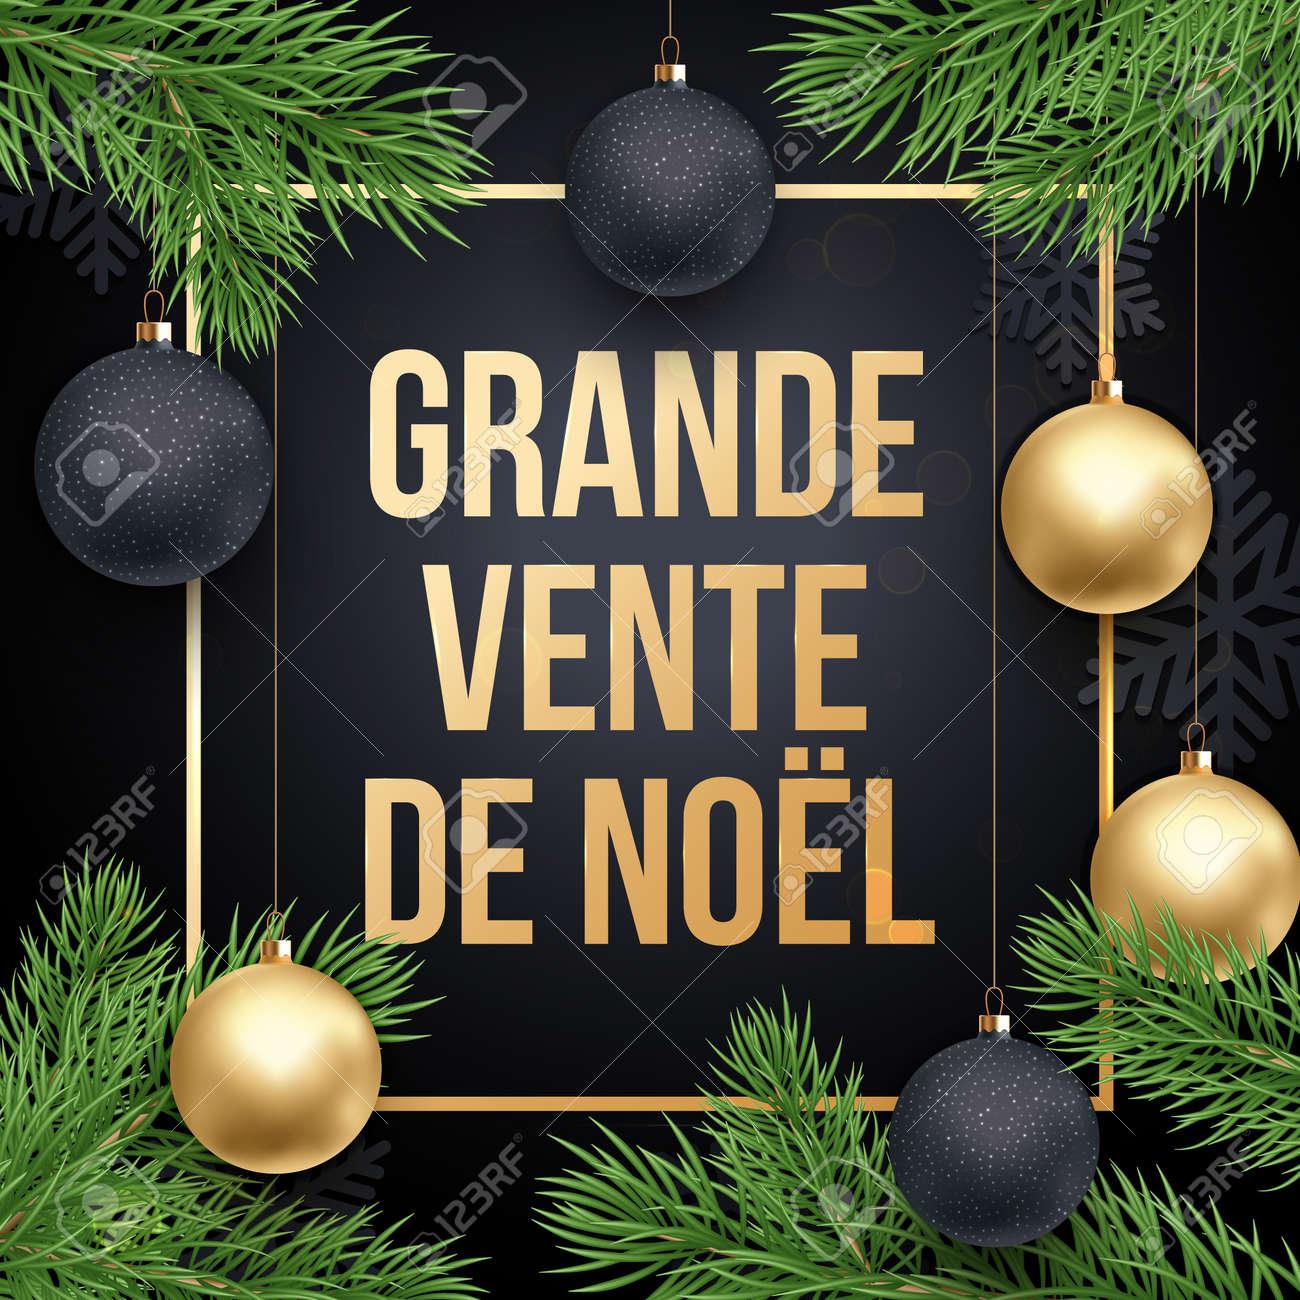 Cartel De Venta De Navidad Francés Texto Grande Vente De Noel ...